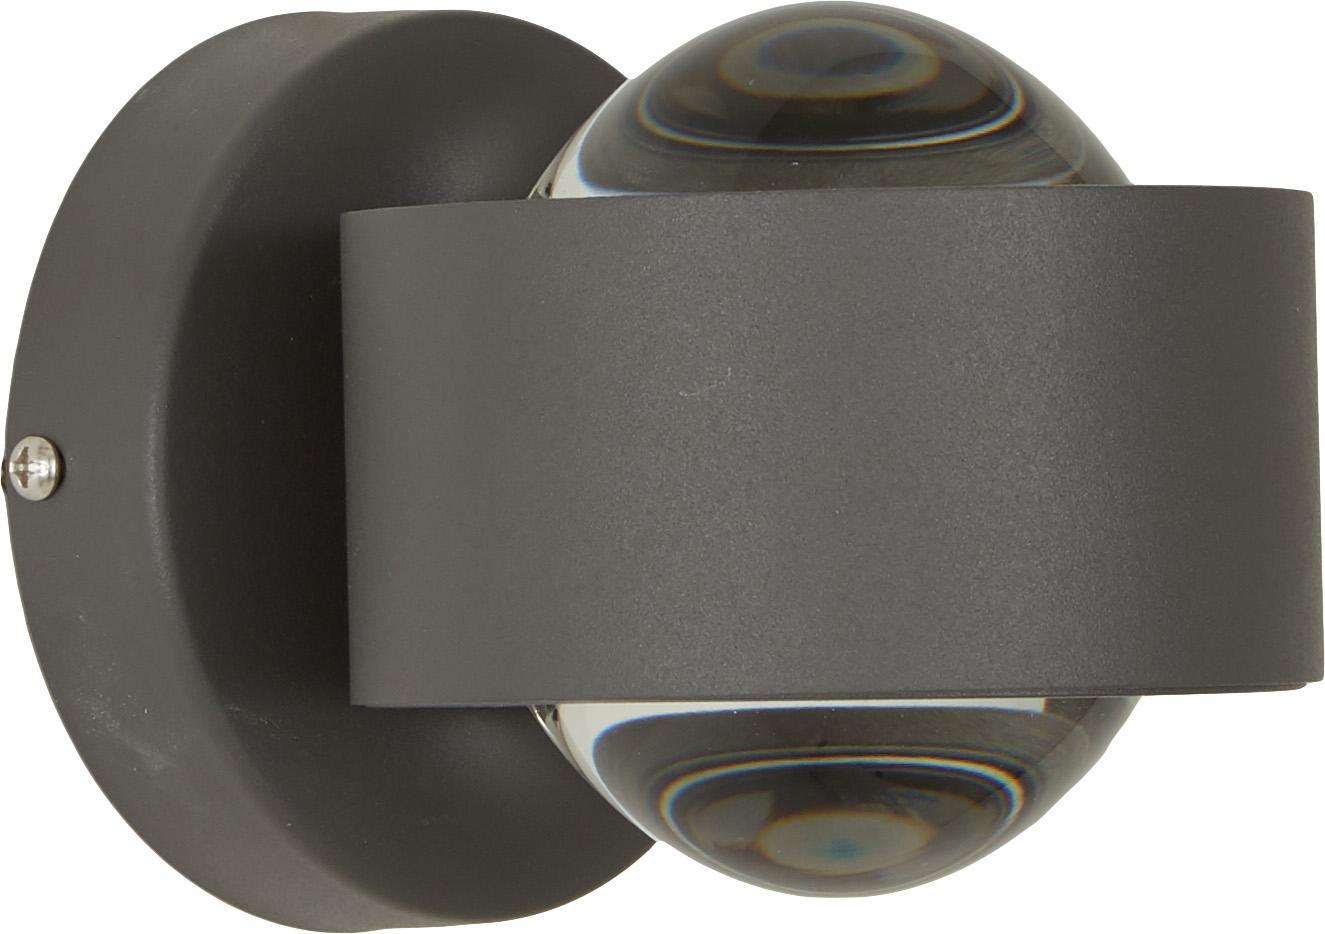 XS-LED Wandleuchte Ono, Schwarz, 9 x 8 cm